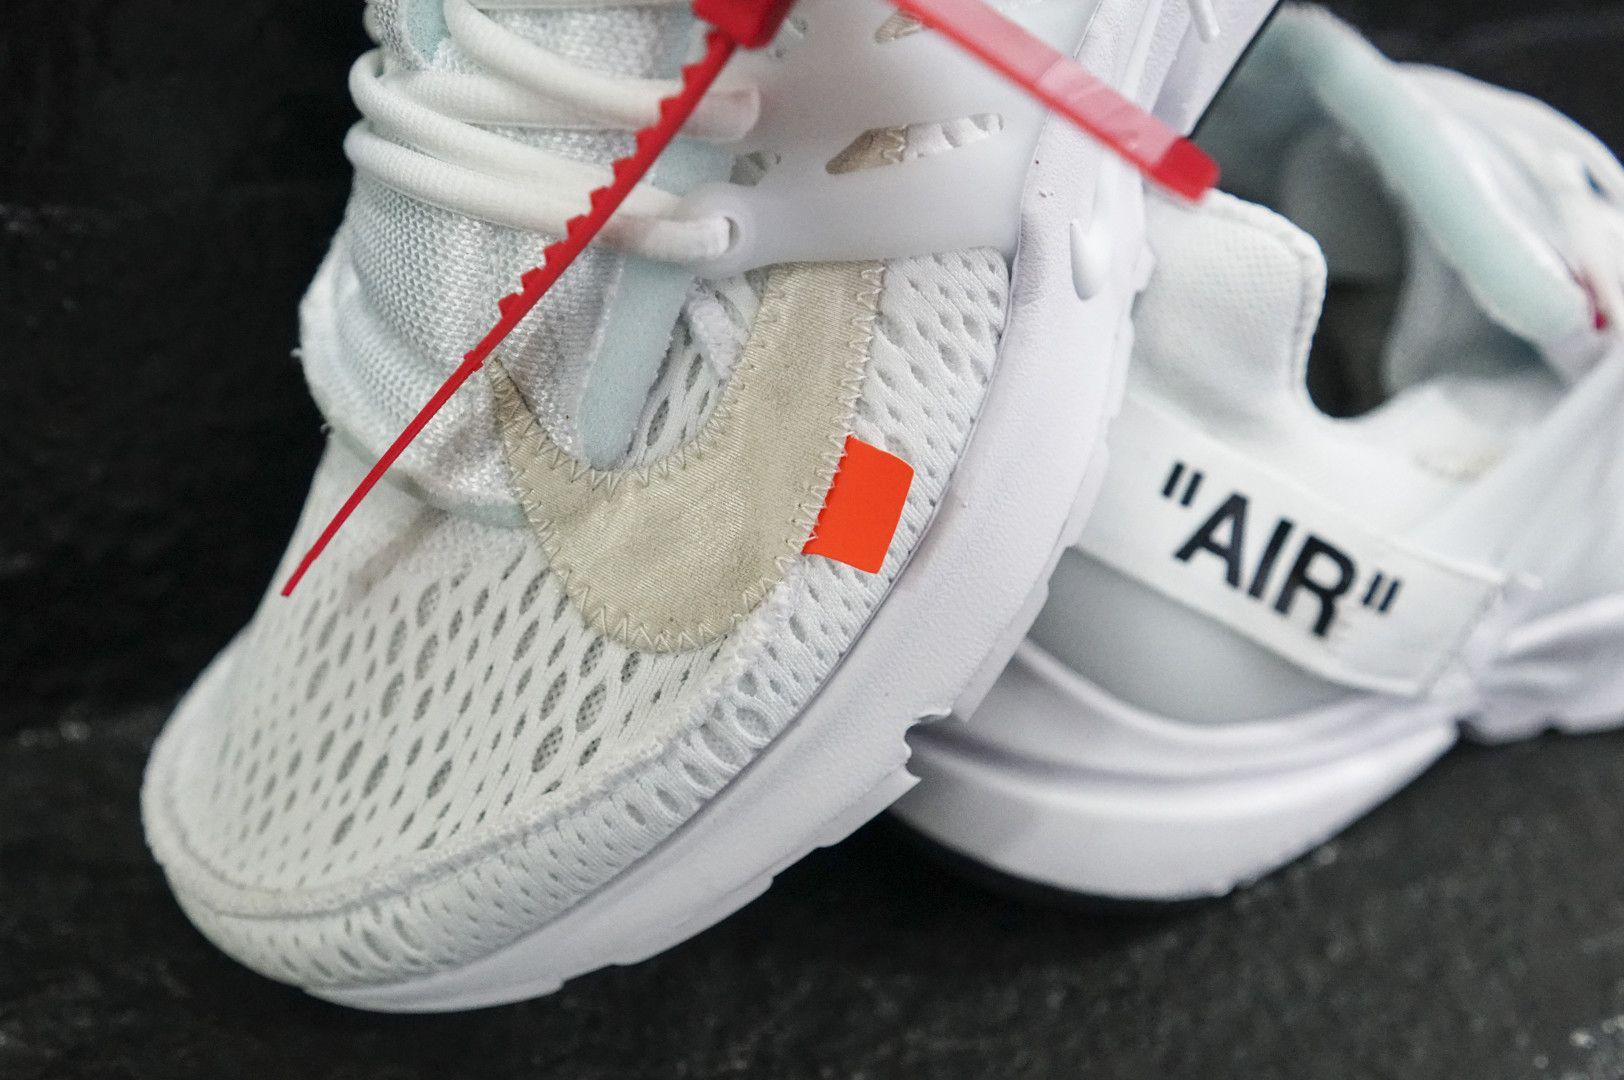 Off White's Nike Air Presto Sneaker Is Back in Black Maxim